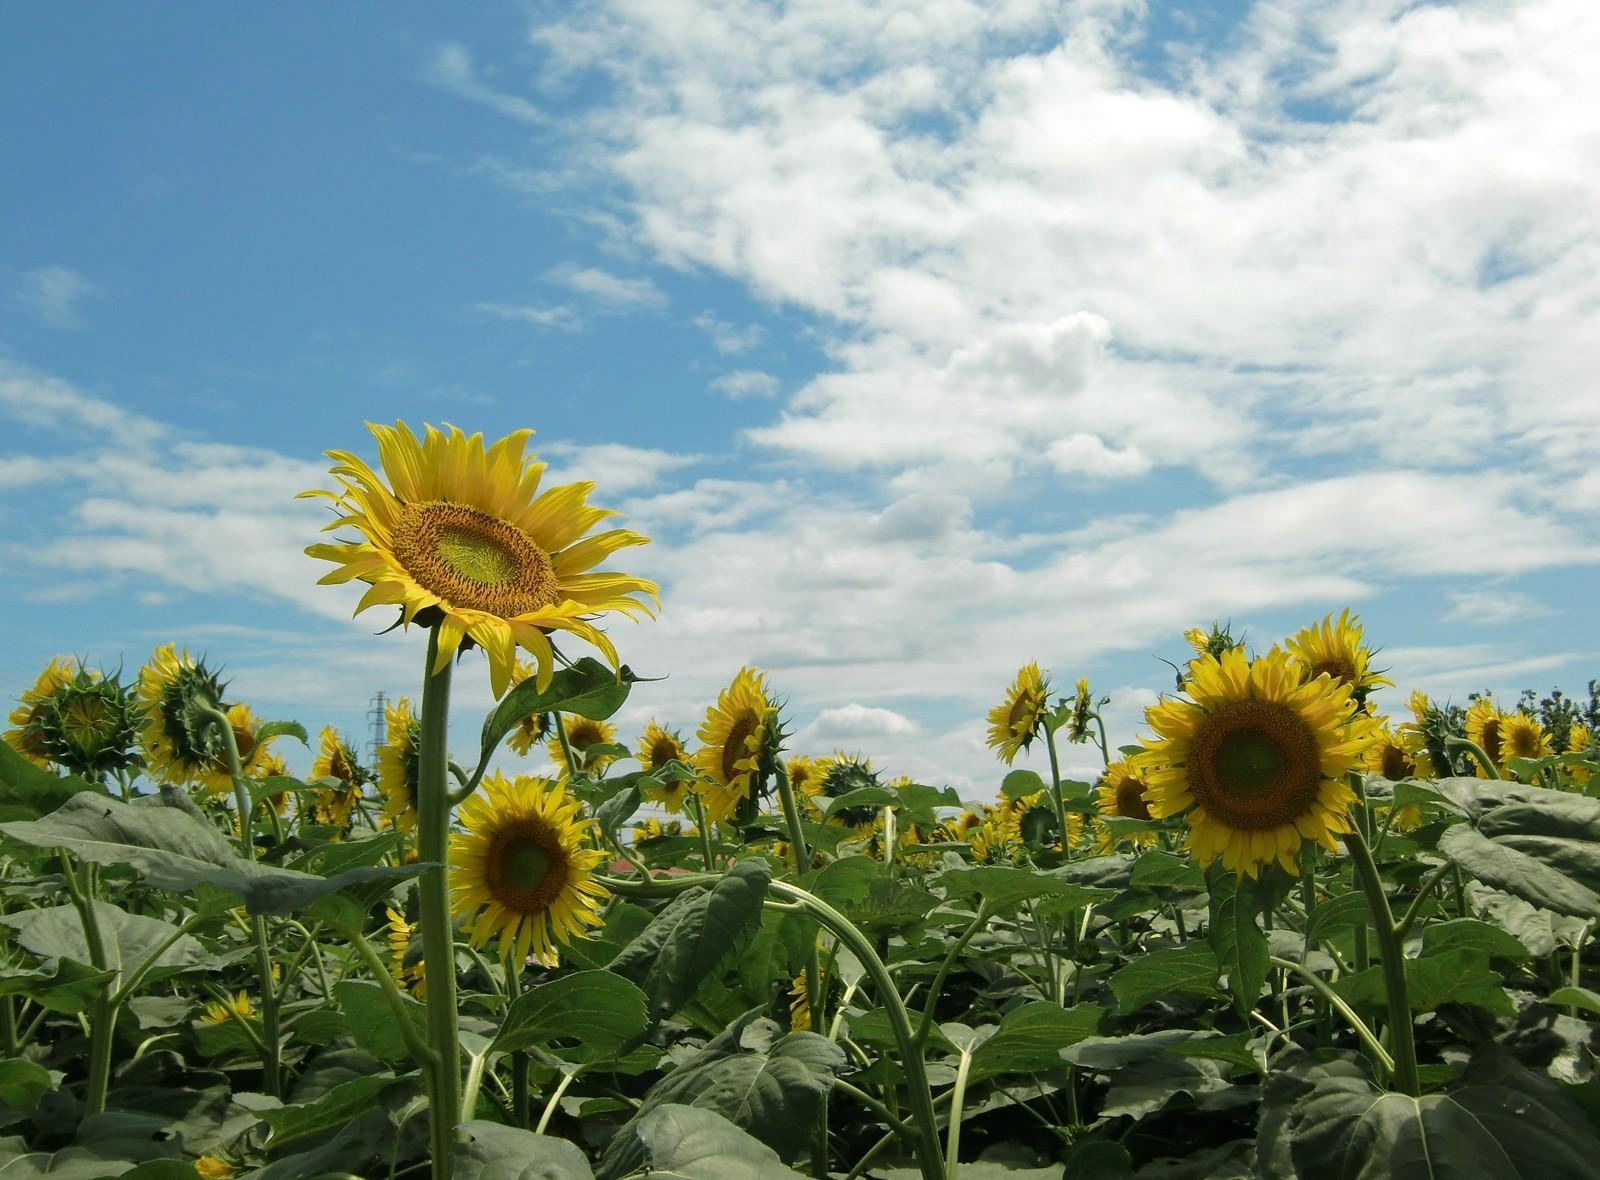 111753 скачать обои Цветы, Поле, Небо, Солнечно, Лето, Подсолнухи - заставки и картинки бесплатно